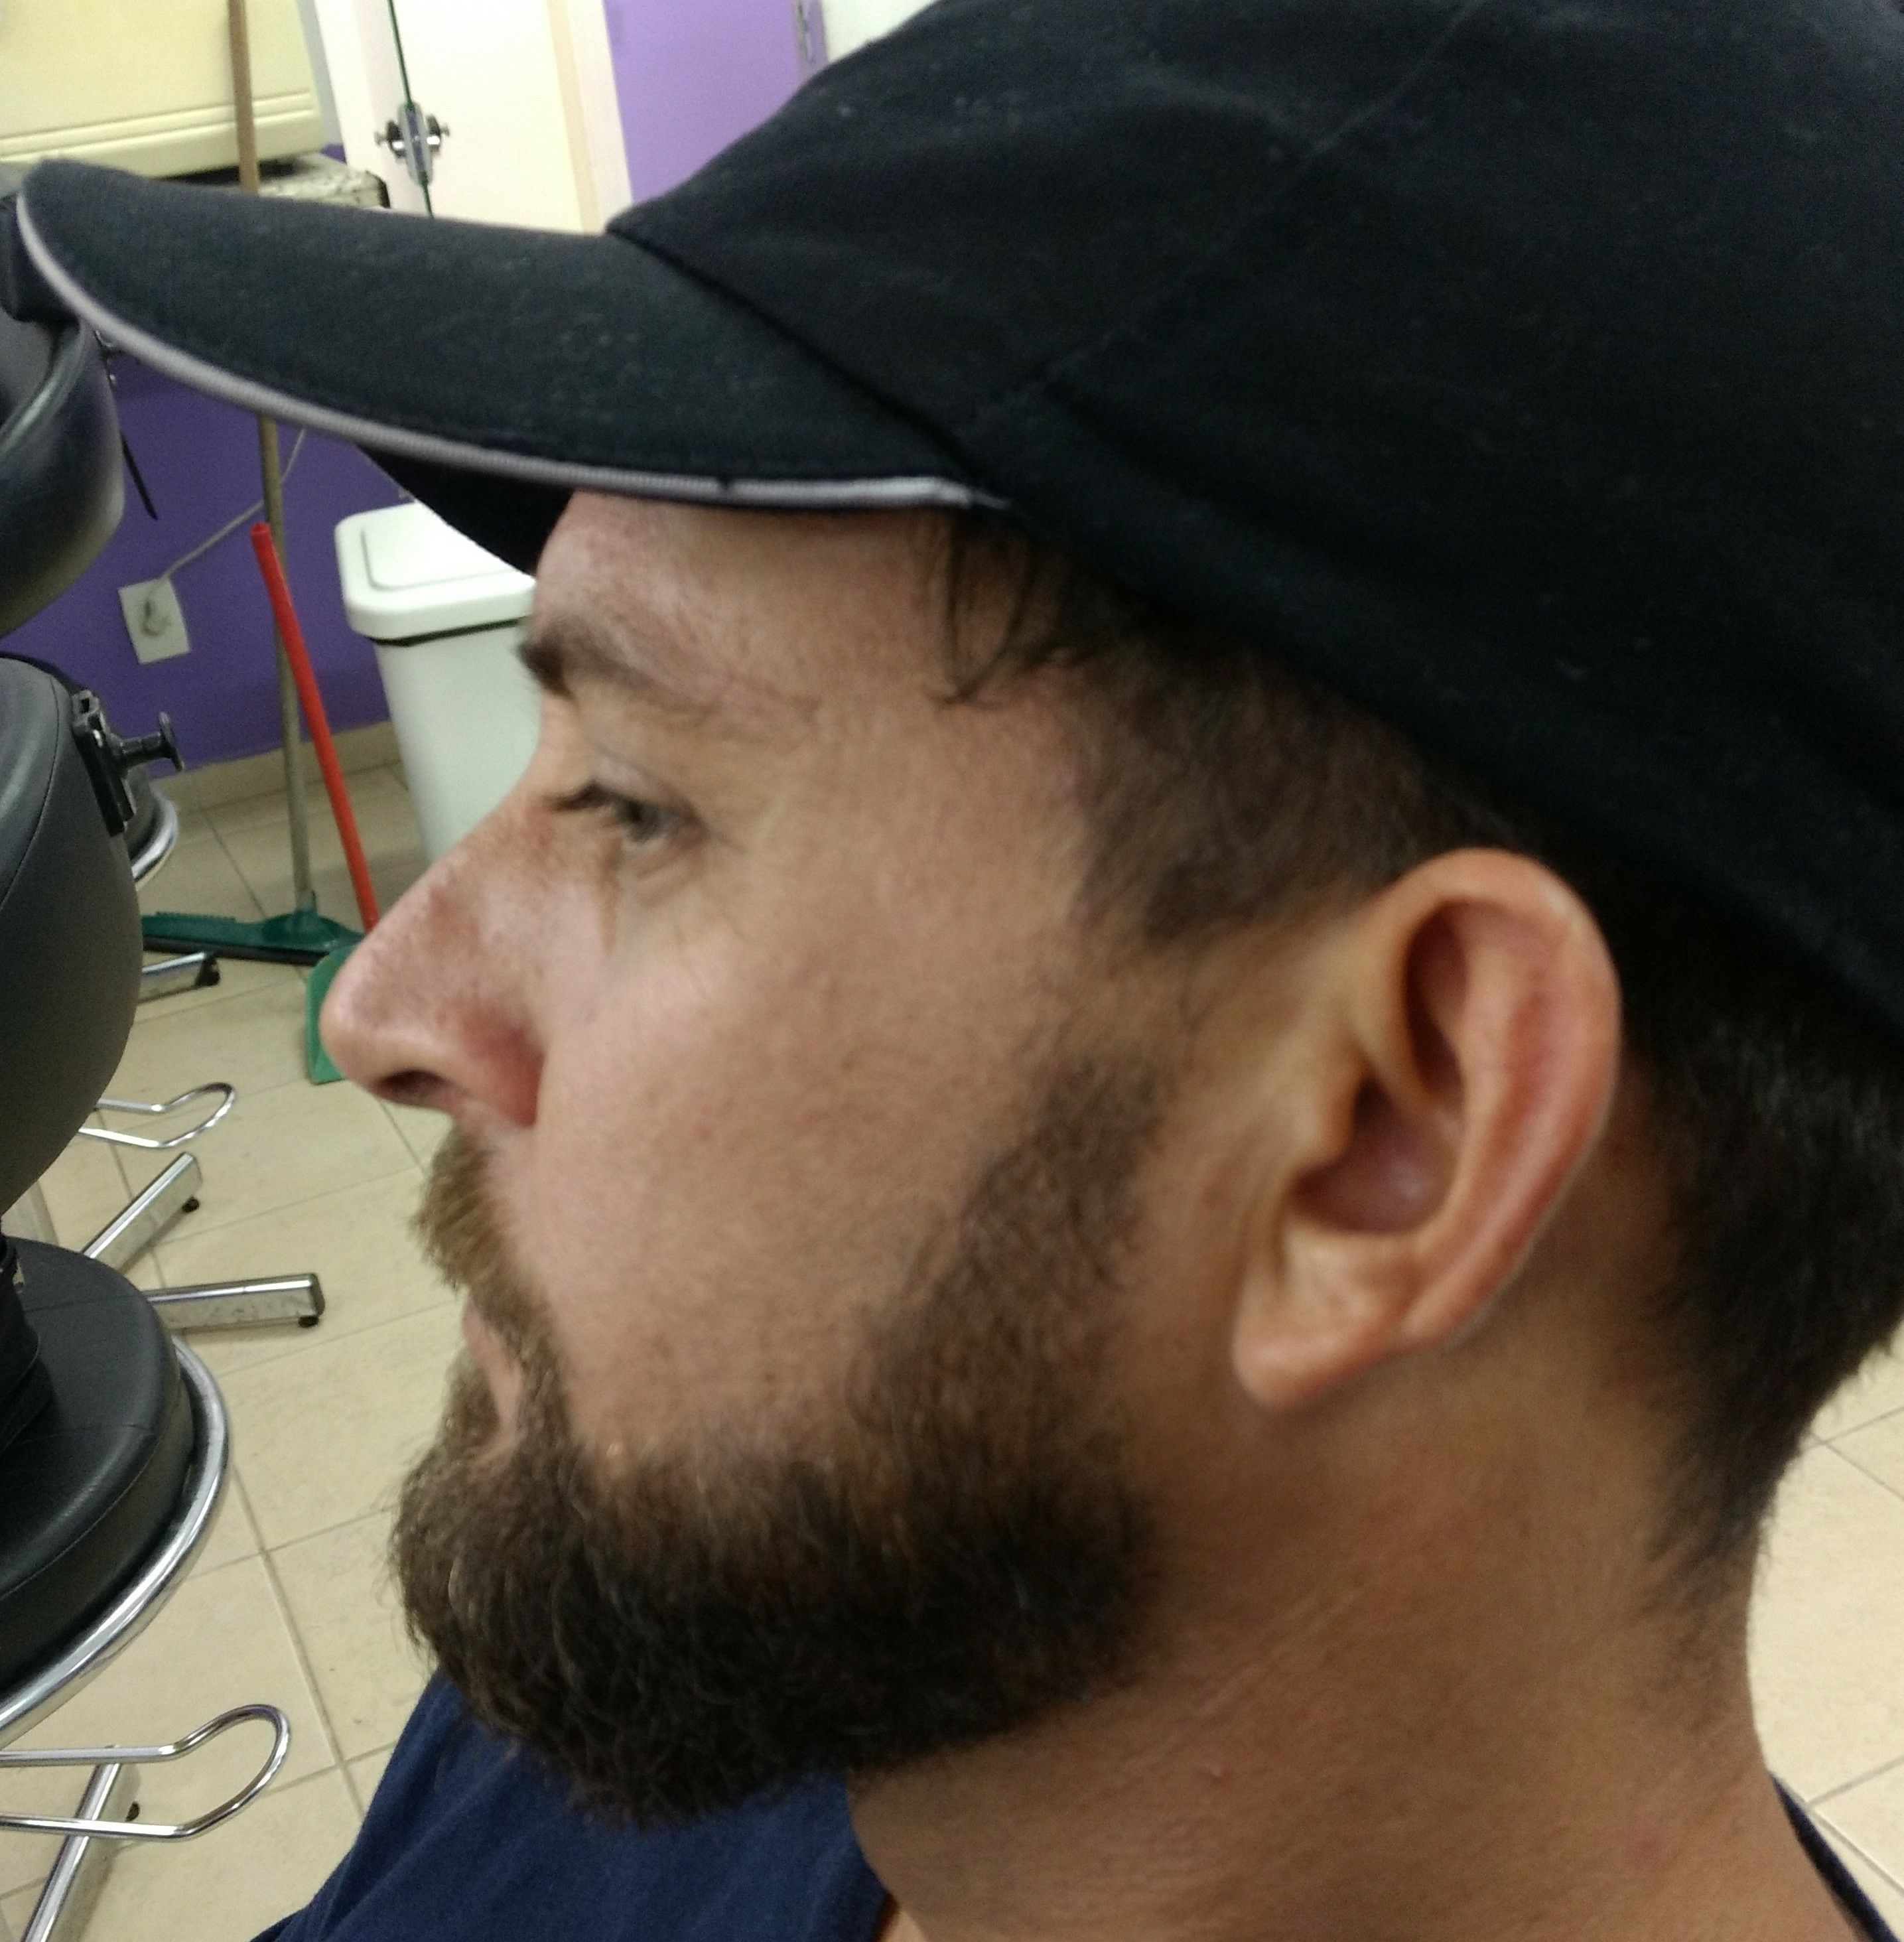 Acerto de desenho da barba com navalha. outros barbeiro(a)